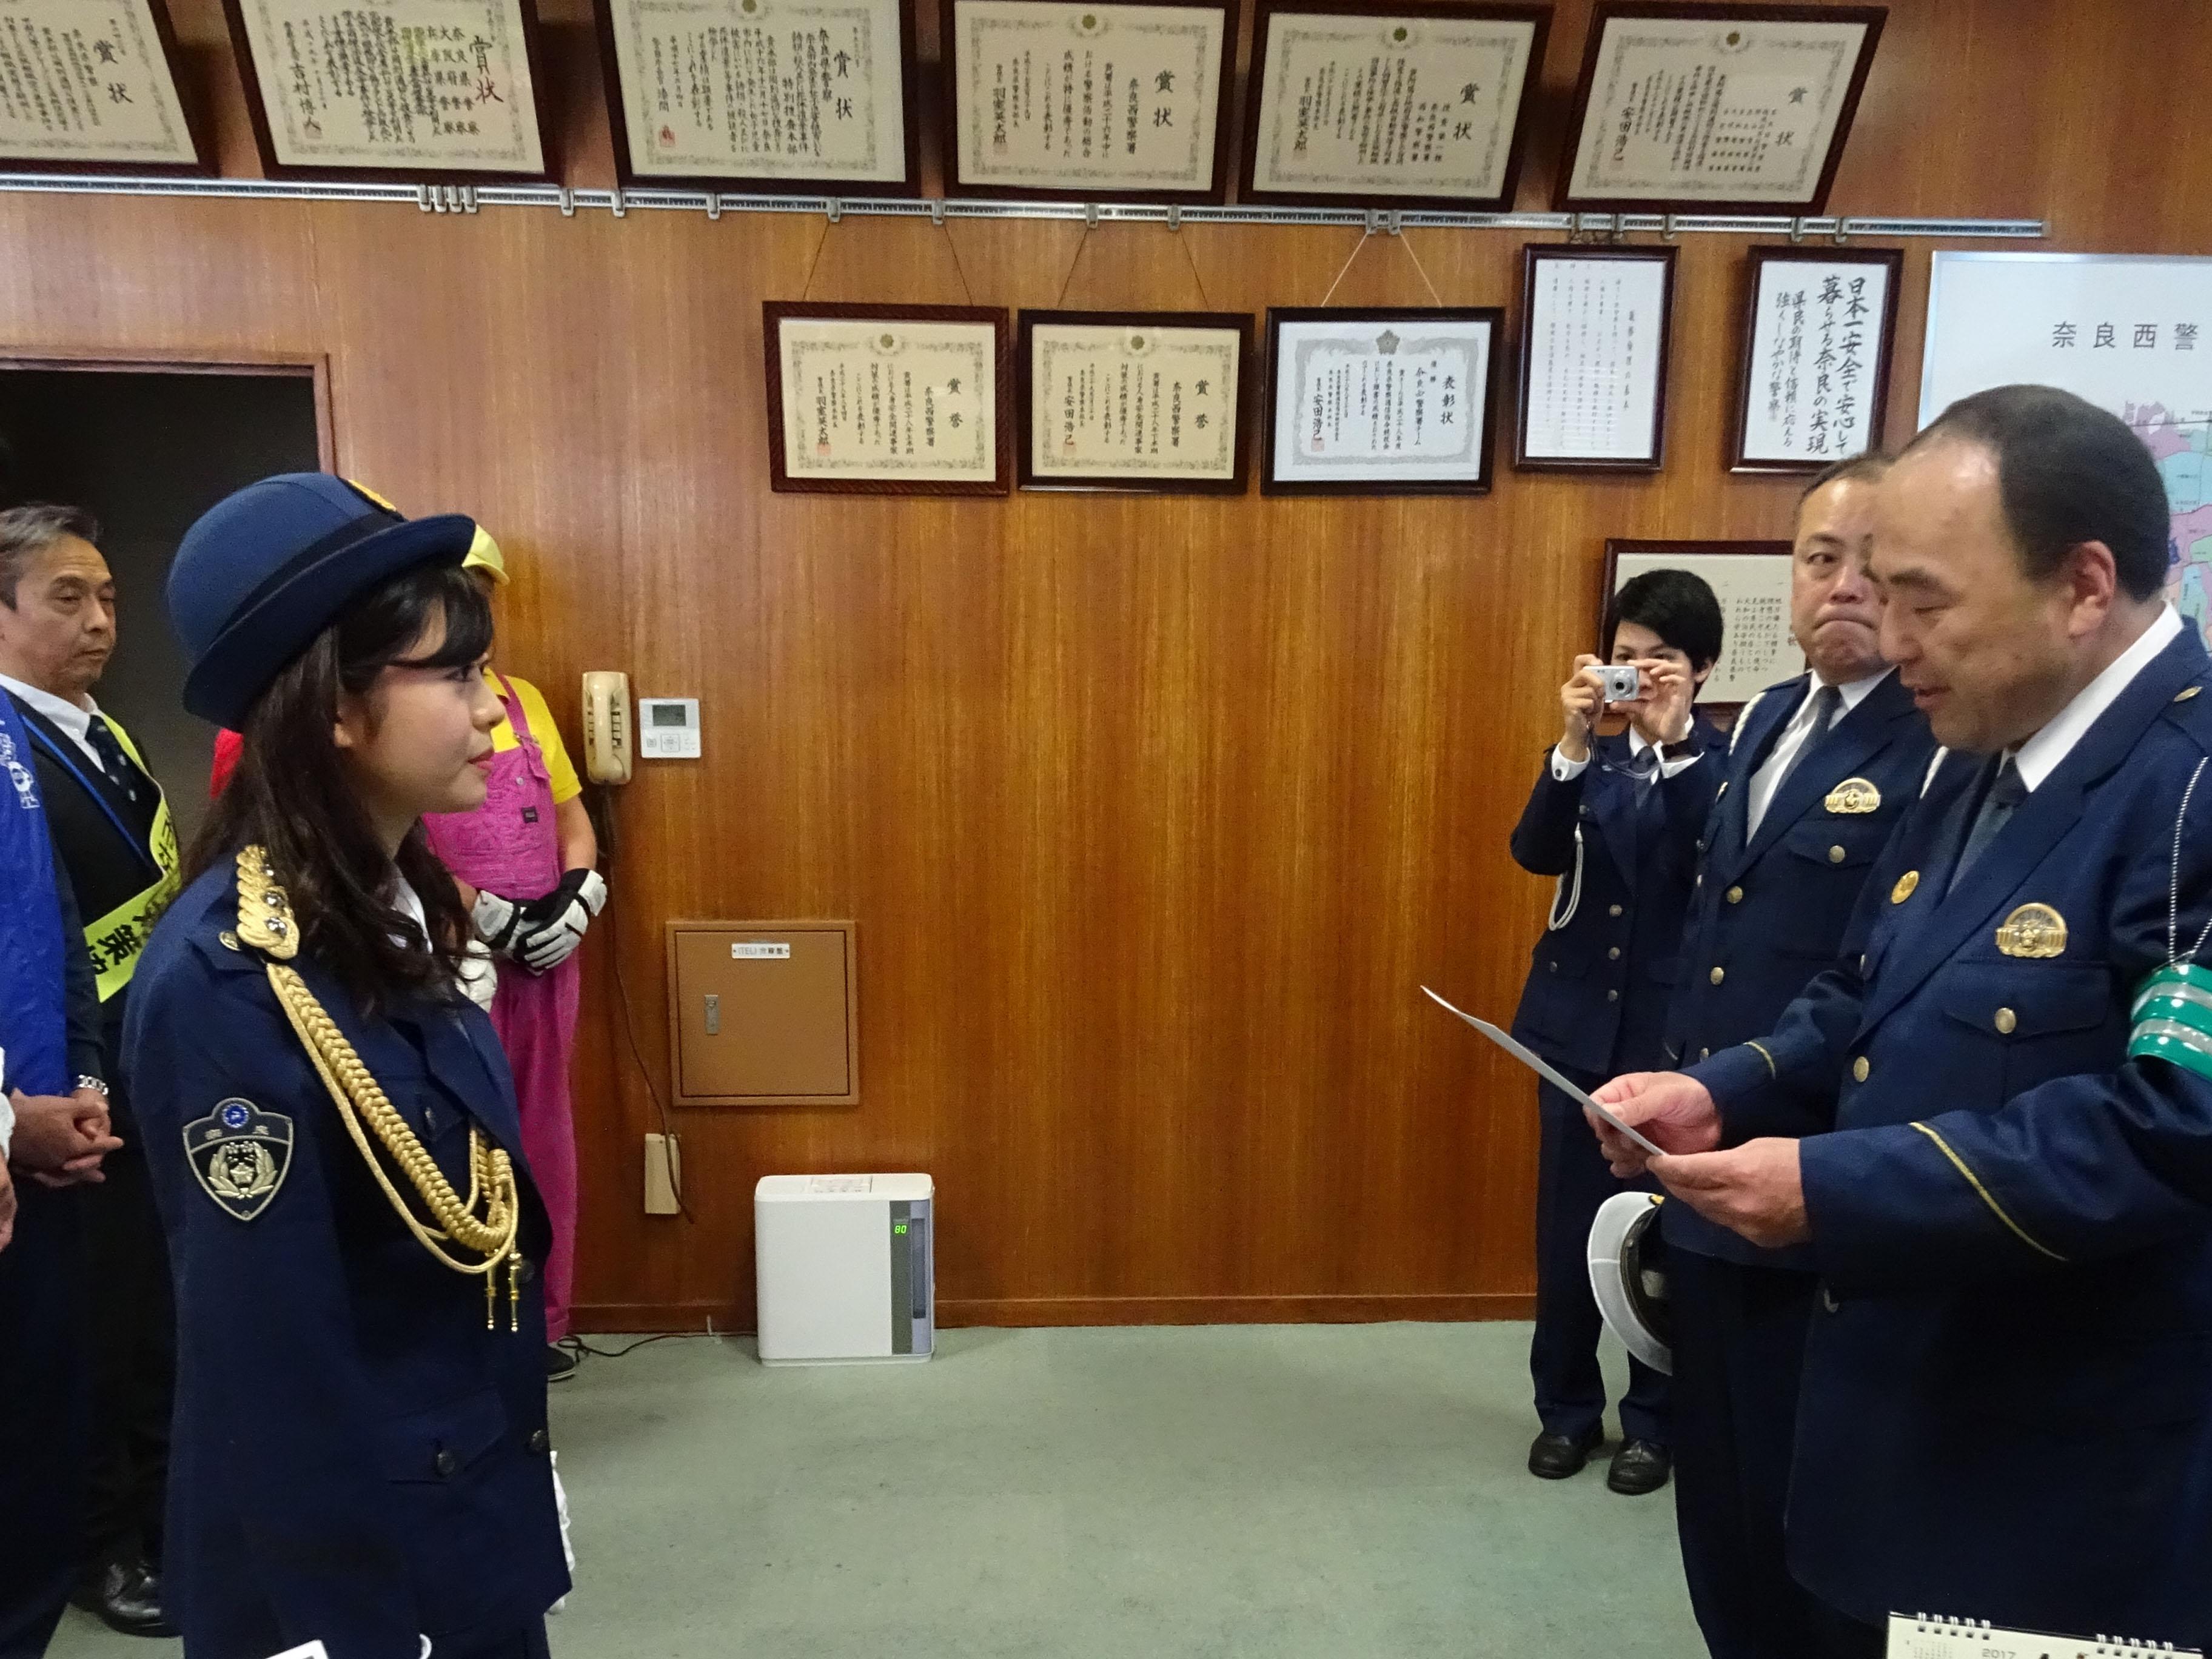 奈良西警察署長から一日警察署長のタスキと委嘱状を受け取りました